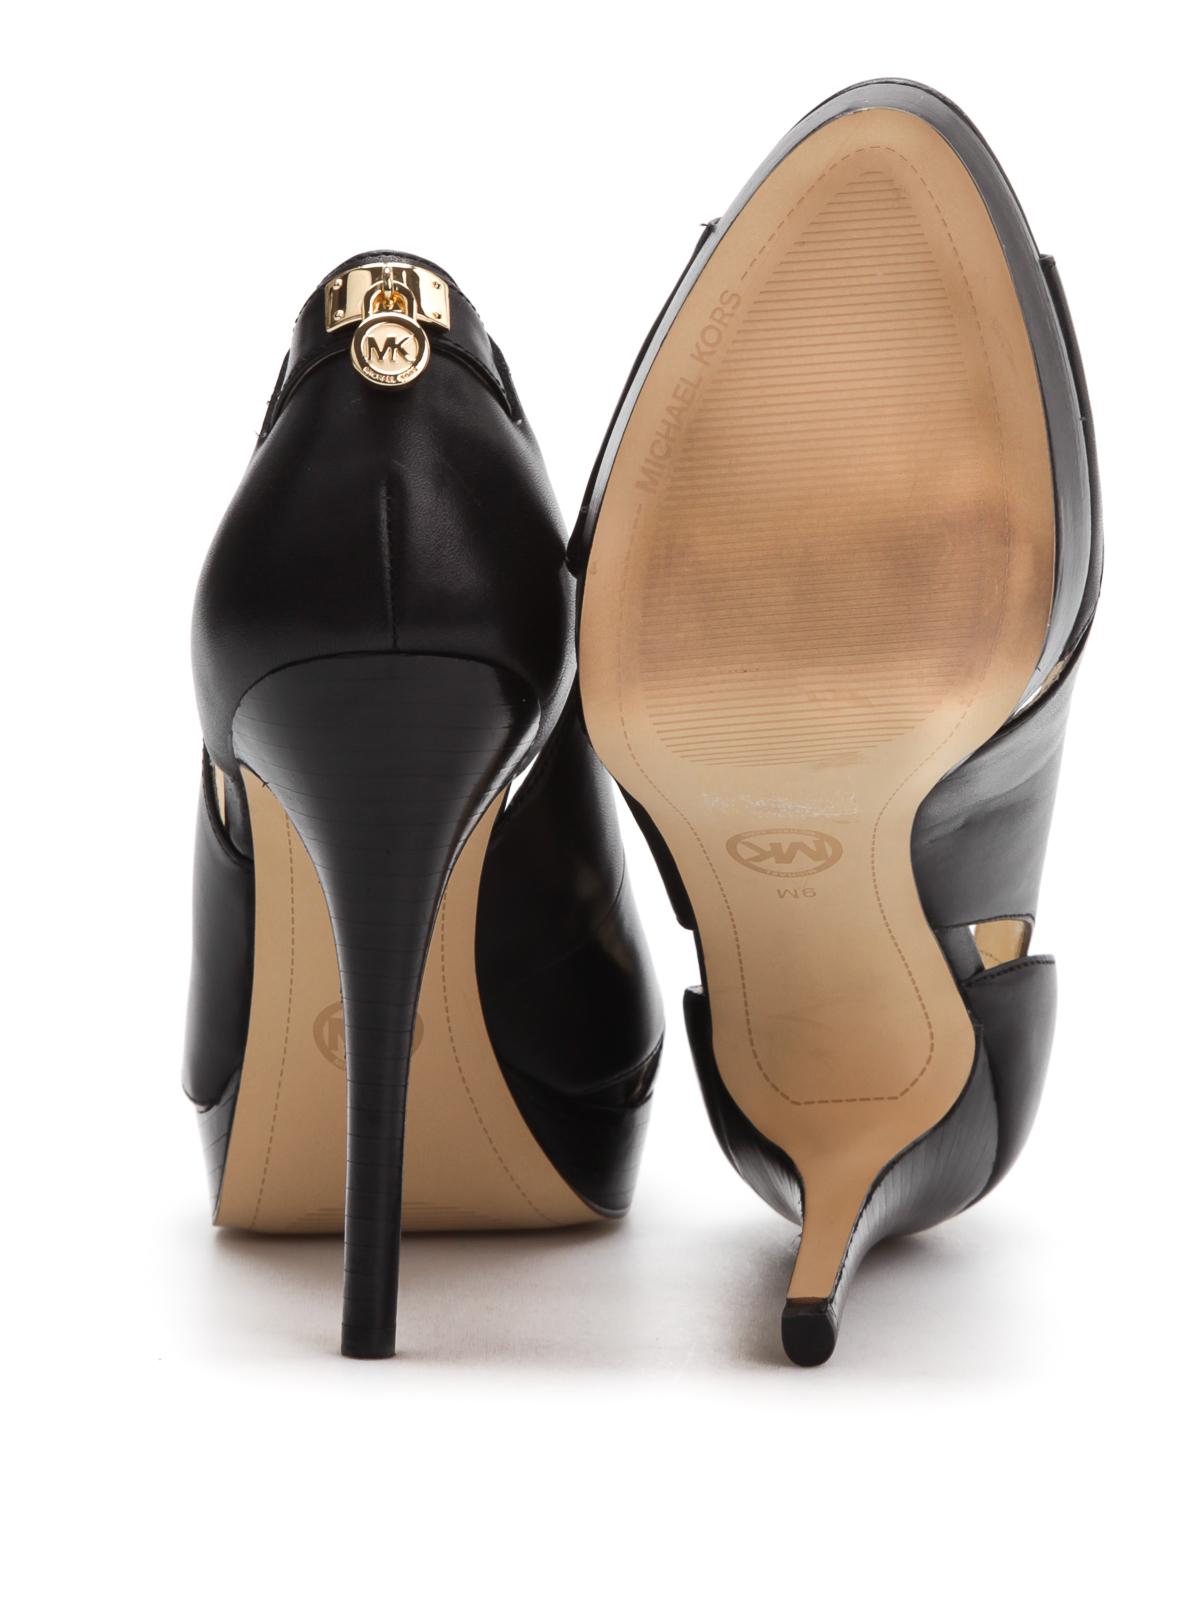 76d7486bd2c9 Michael Kors - Hamilton open toe - court shoes - 40T5HAHP2L